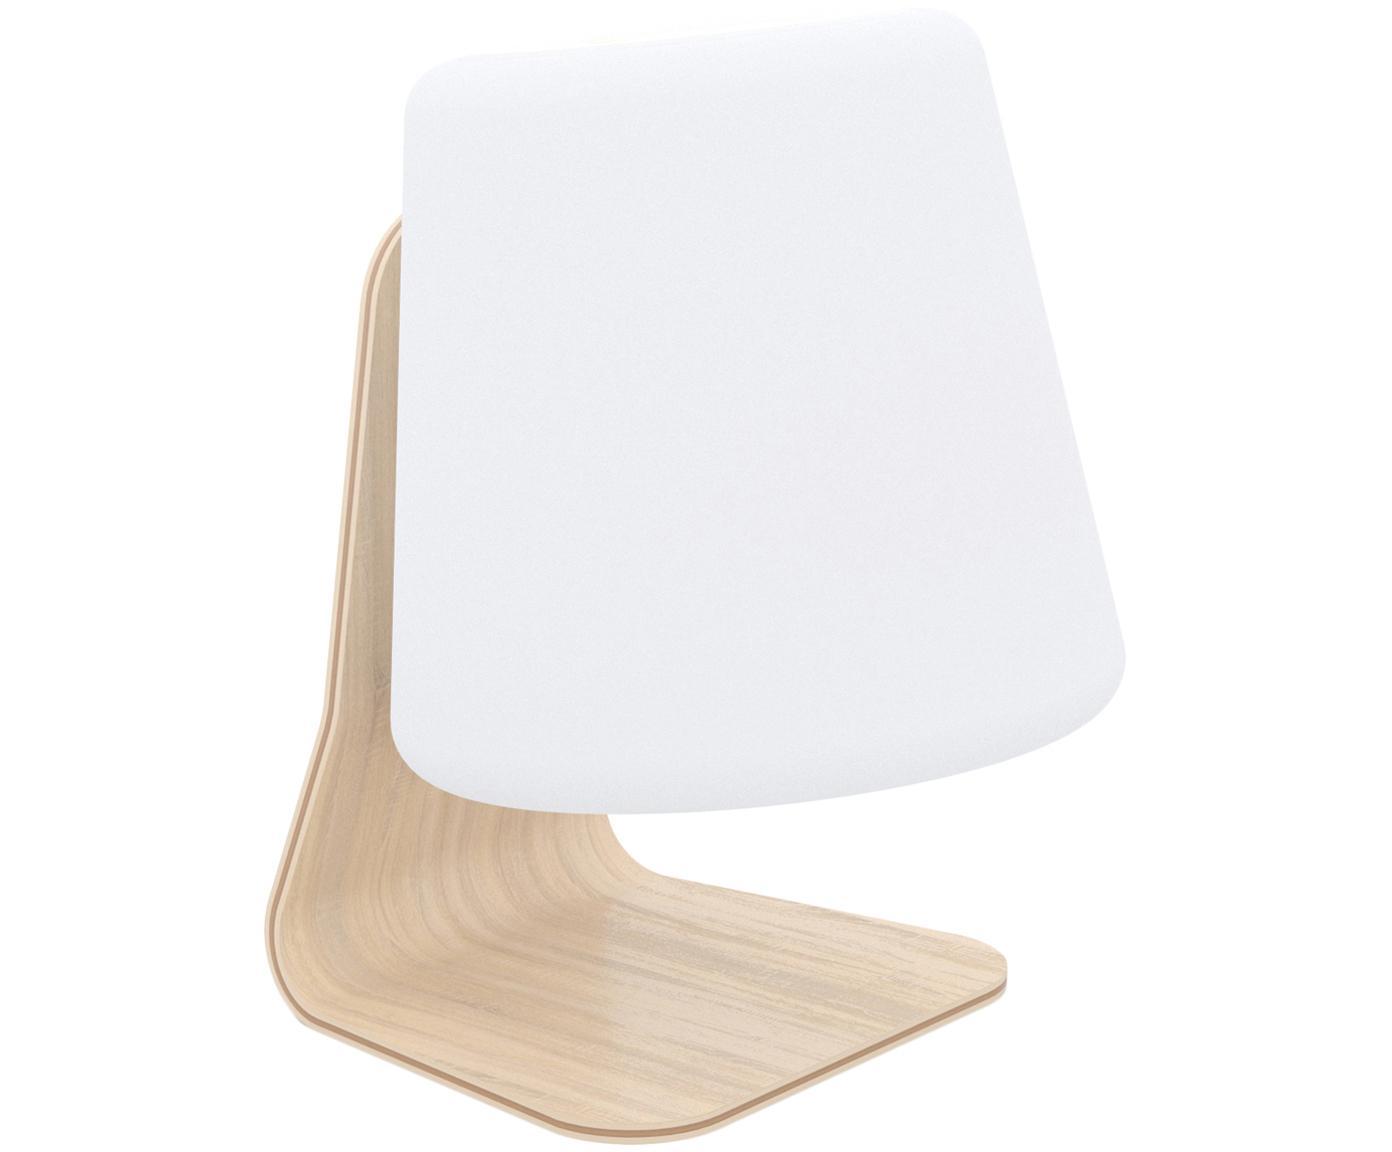 Zewnętrzna mobilna lampa LED Table, Biały, jasny brązowy, S 22 x W 29 cm